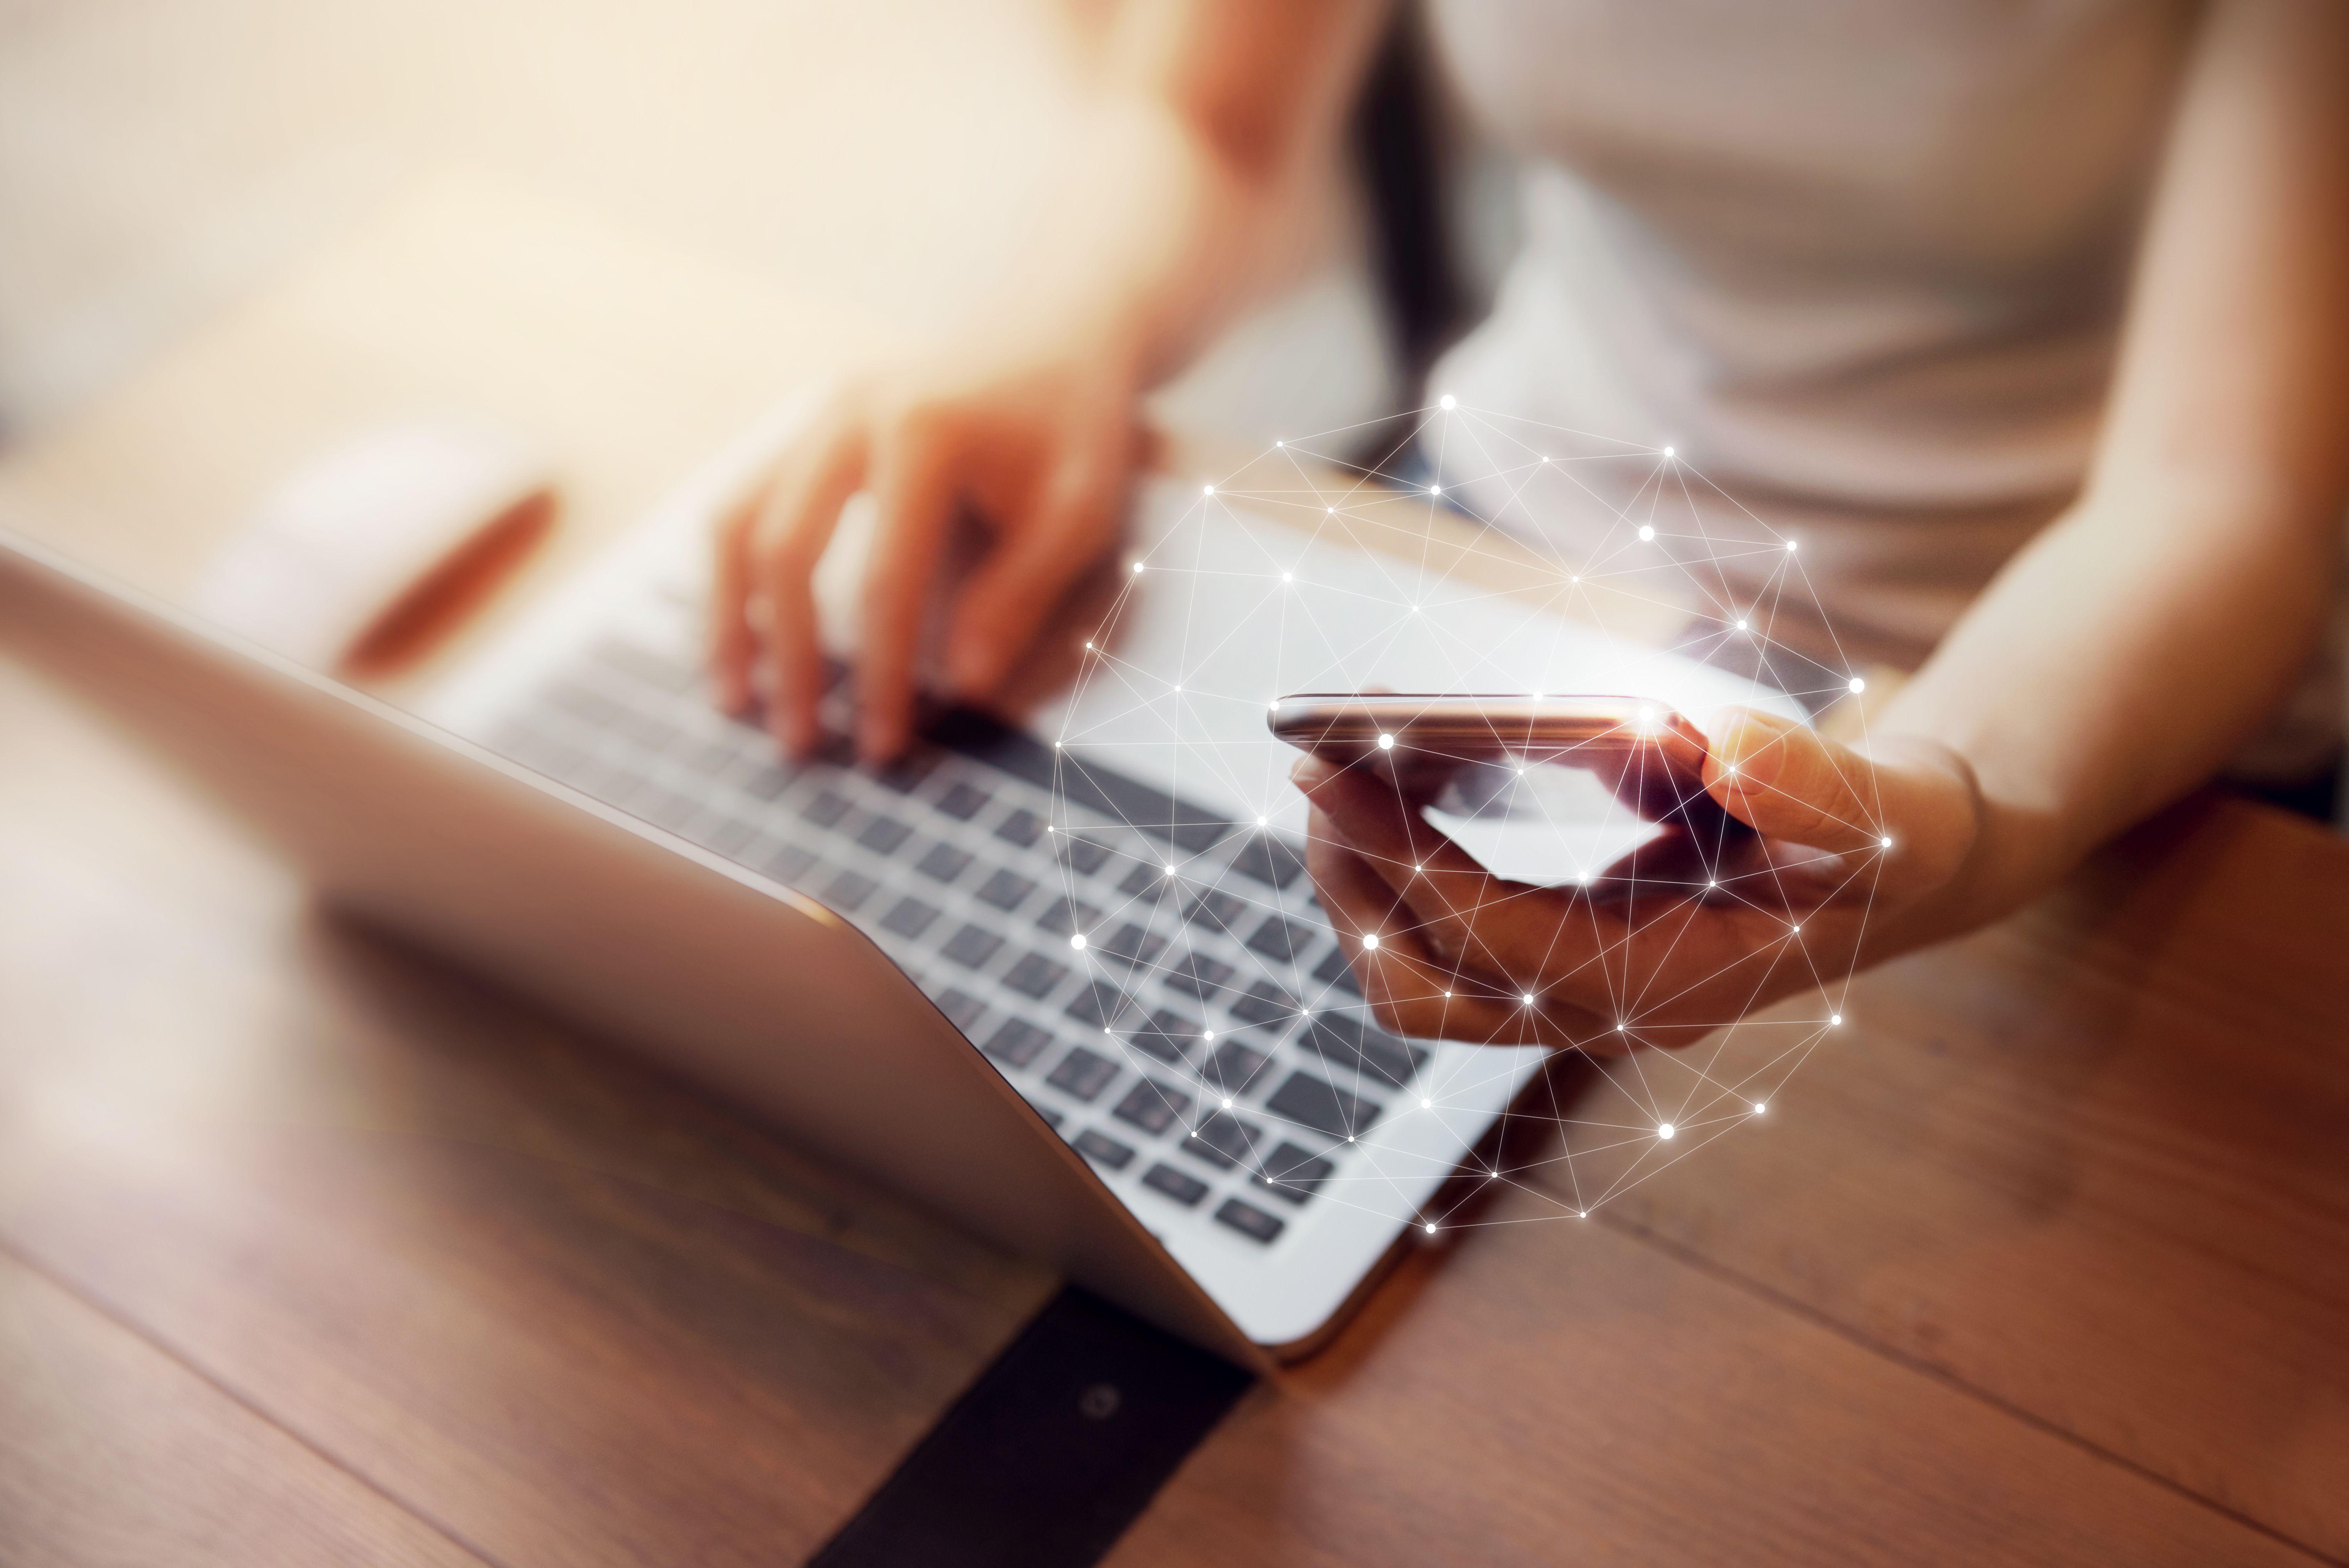 Digitale Empathie – ein Muss in der digitalen Welt